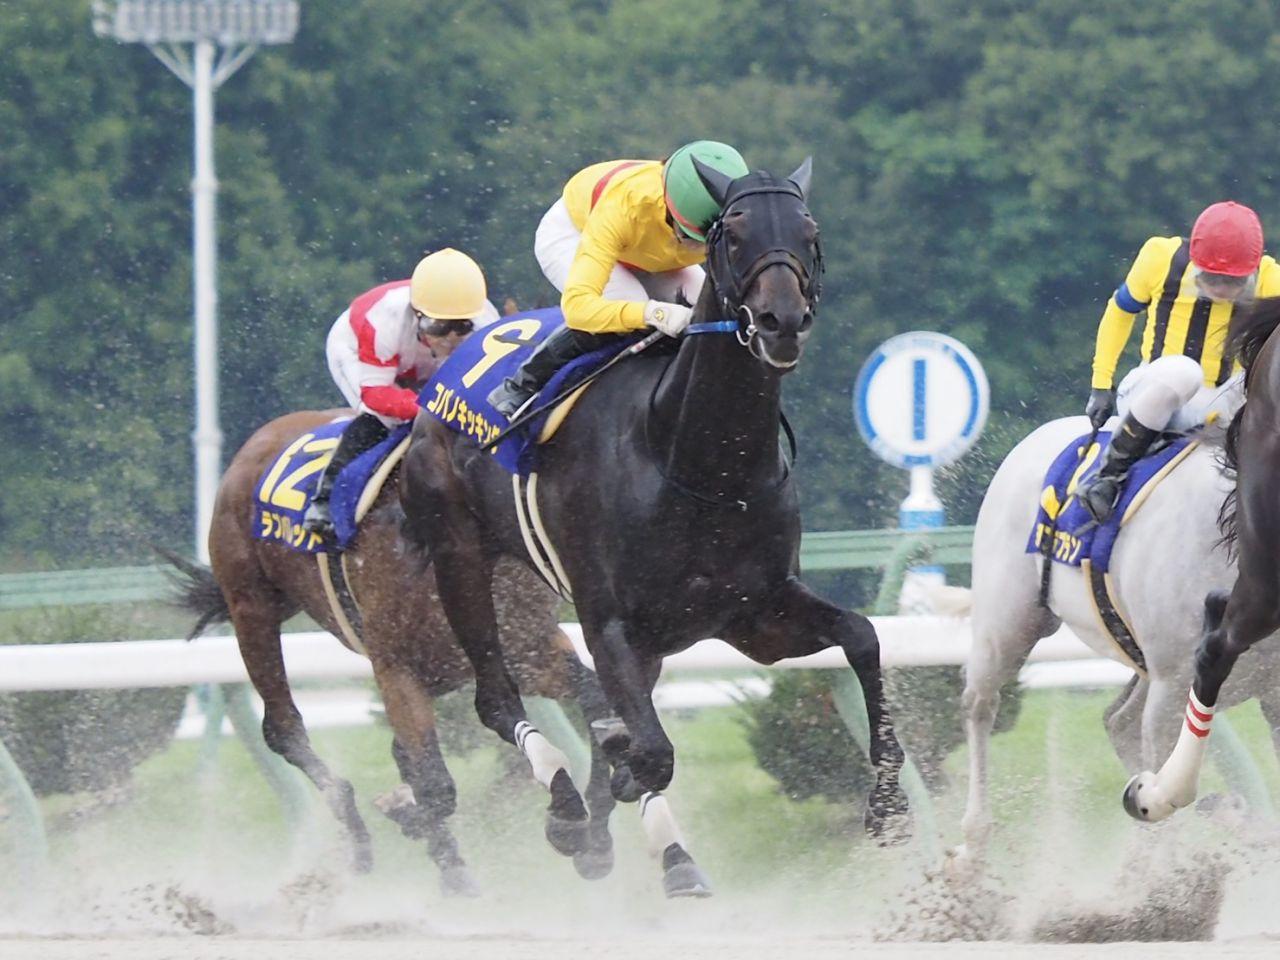 【クラスターC】岩田康「菜七子ちゃんが勝つ予定だったんですけどすいません」ヤマニンアンプリメが交流重賞連勝